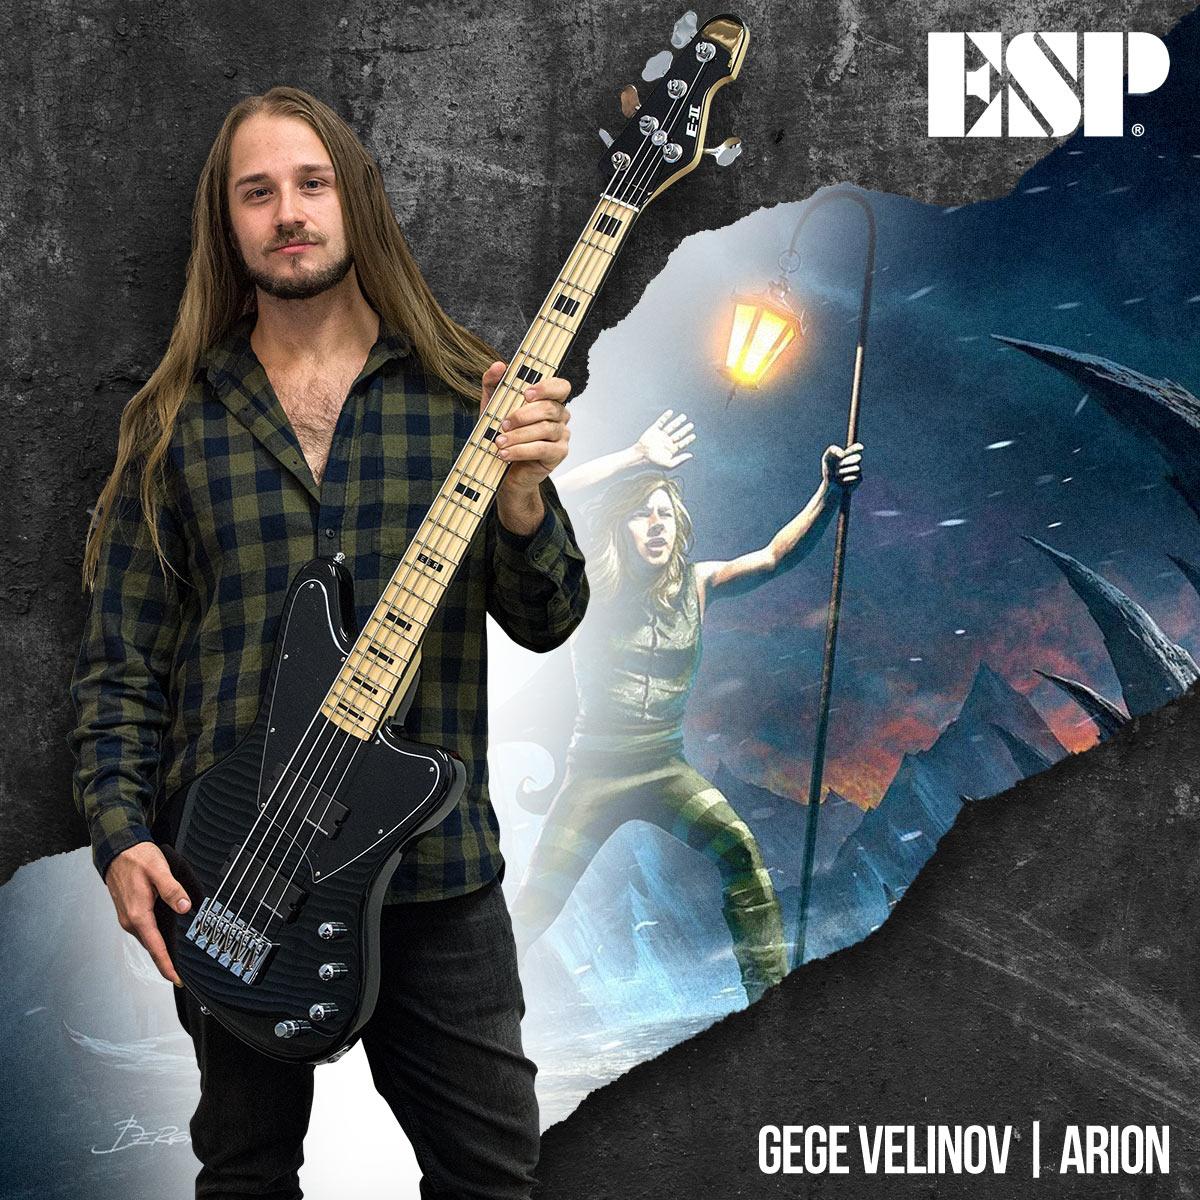 Gege Velinov - Arion -ESP Guitars